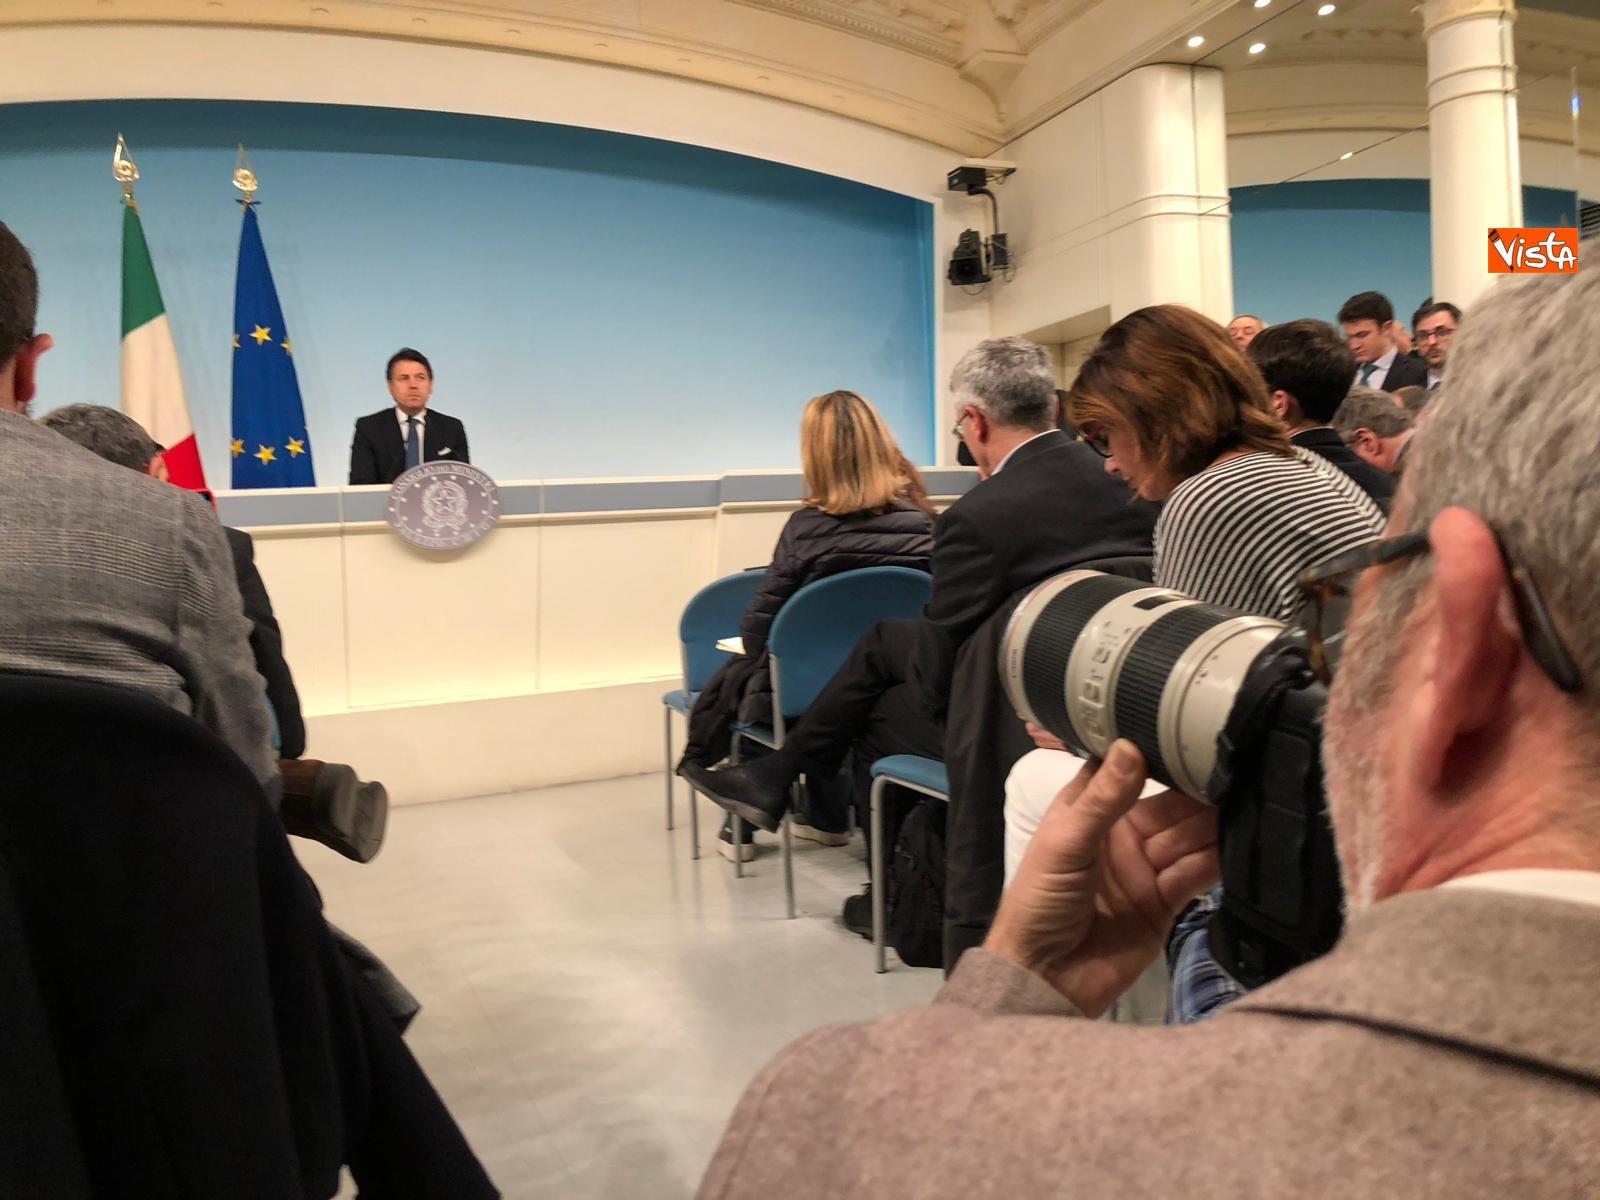 07-03-19 Tav Conte in conferenza stampa a Palazzo Chigi immagini_08